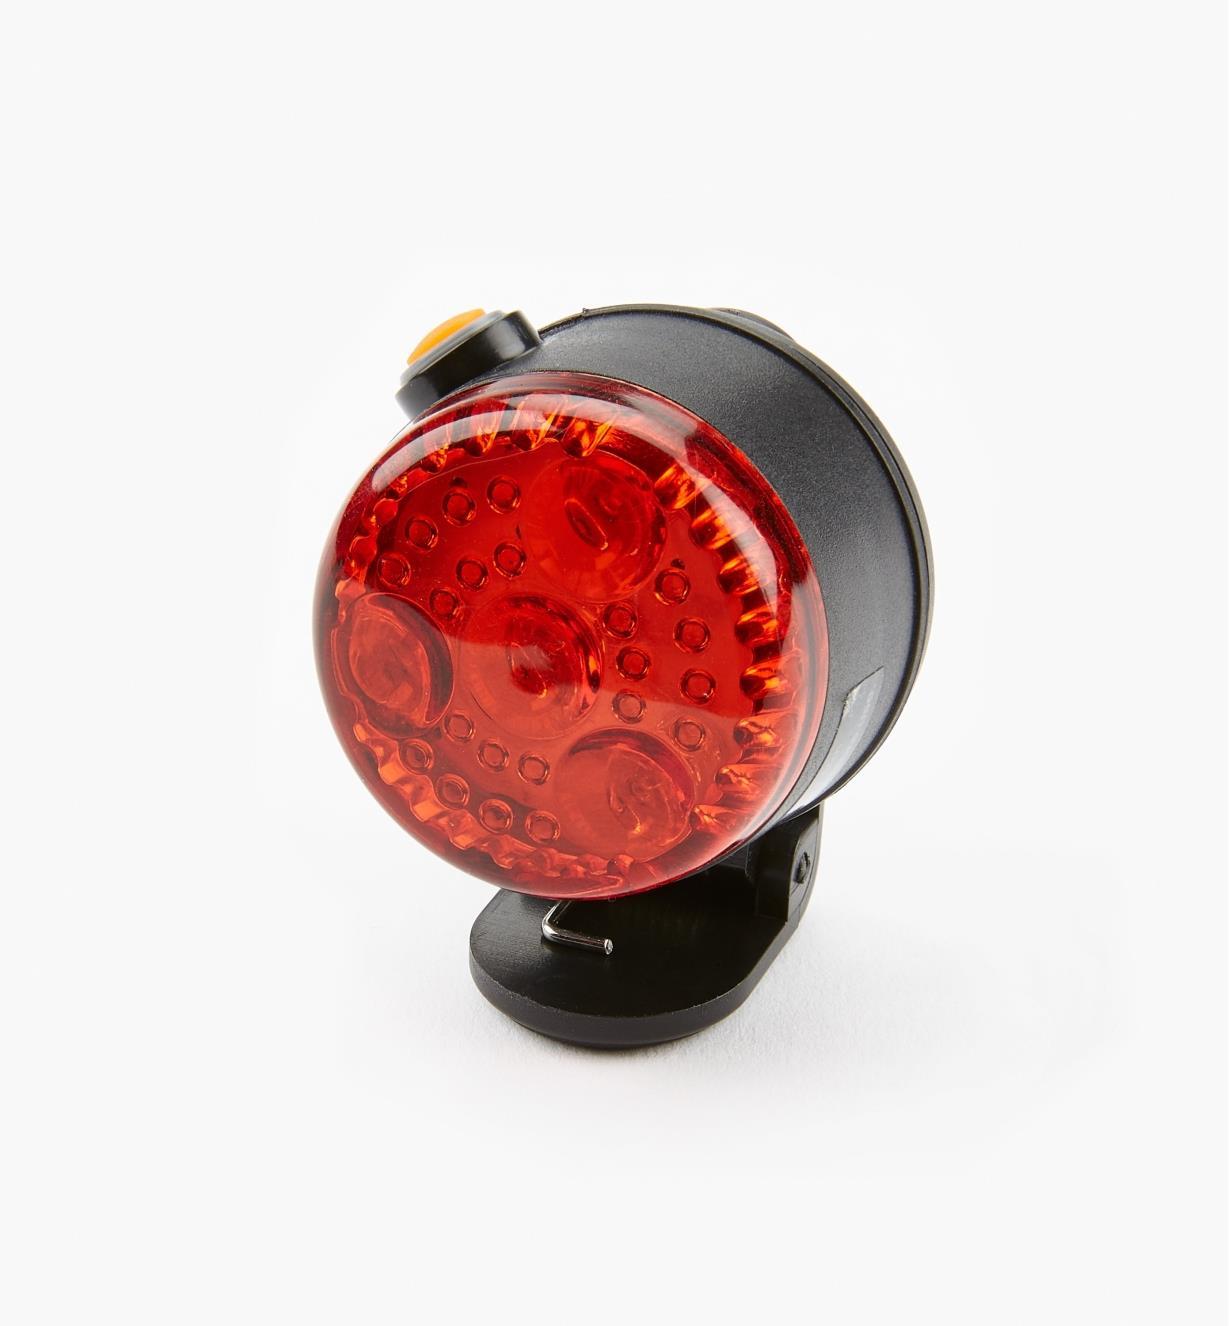 68K0904 - LED Clip Light, Red